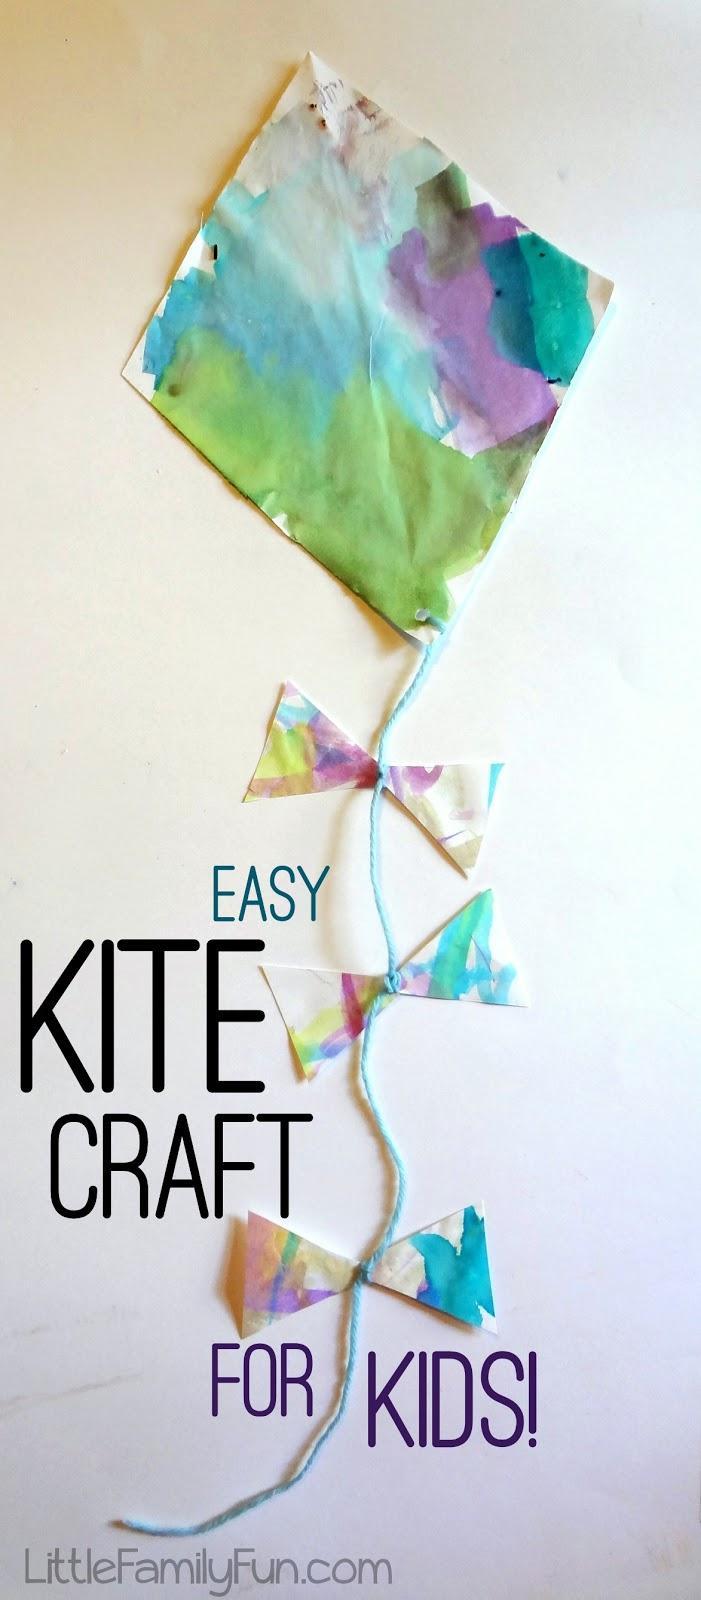 Easy Kite Craft For Kids